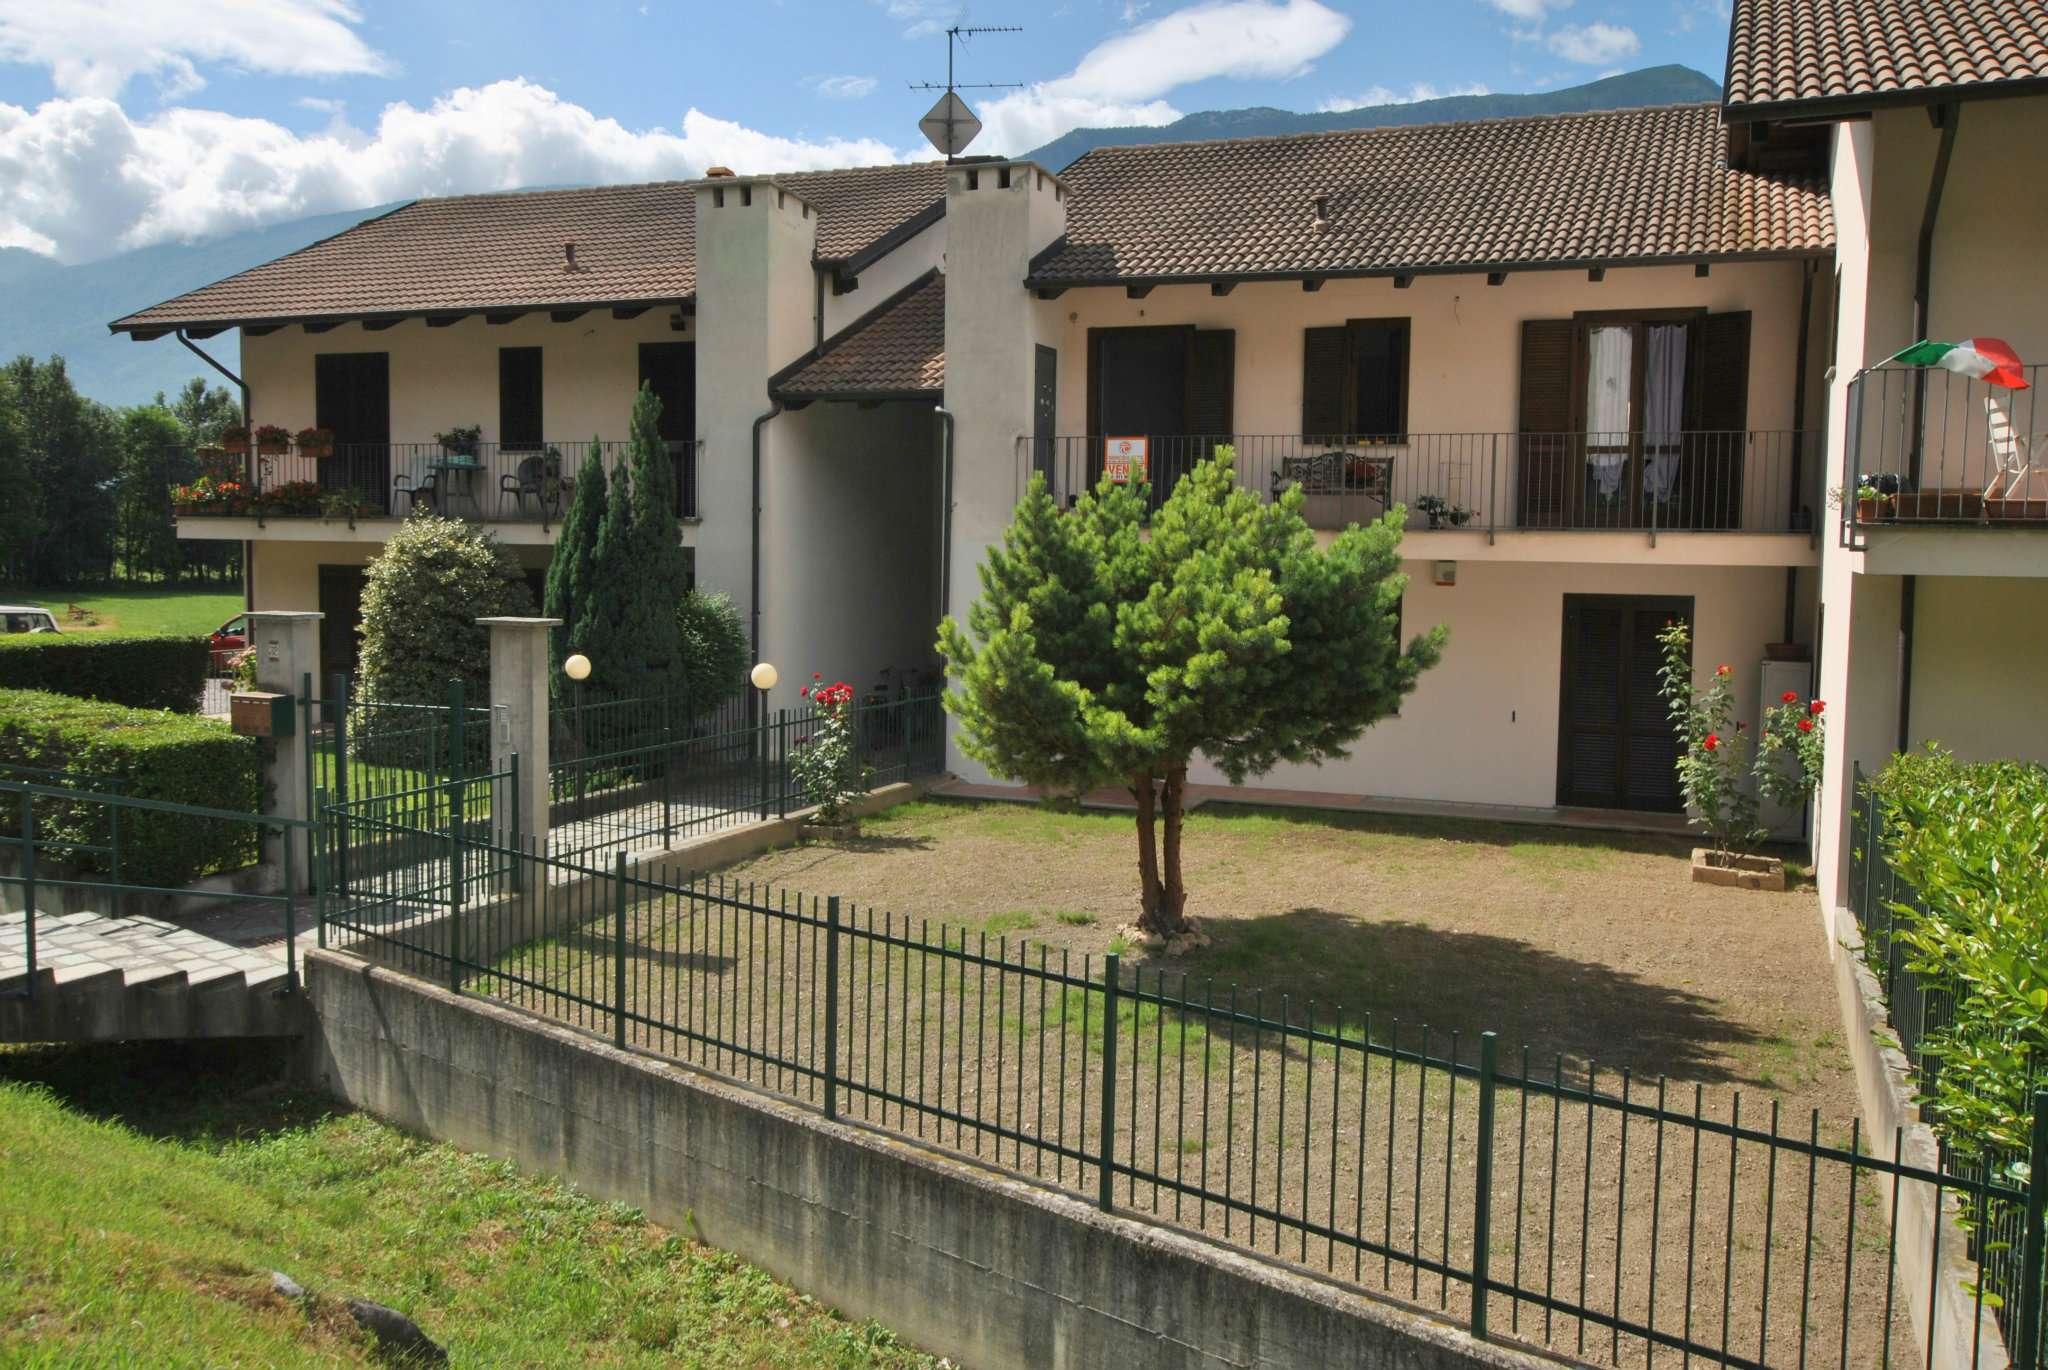 Appartamento in vendita a San Didero, 4 locali, prezzo € 129.000 | CambioCasa.it